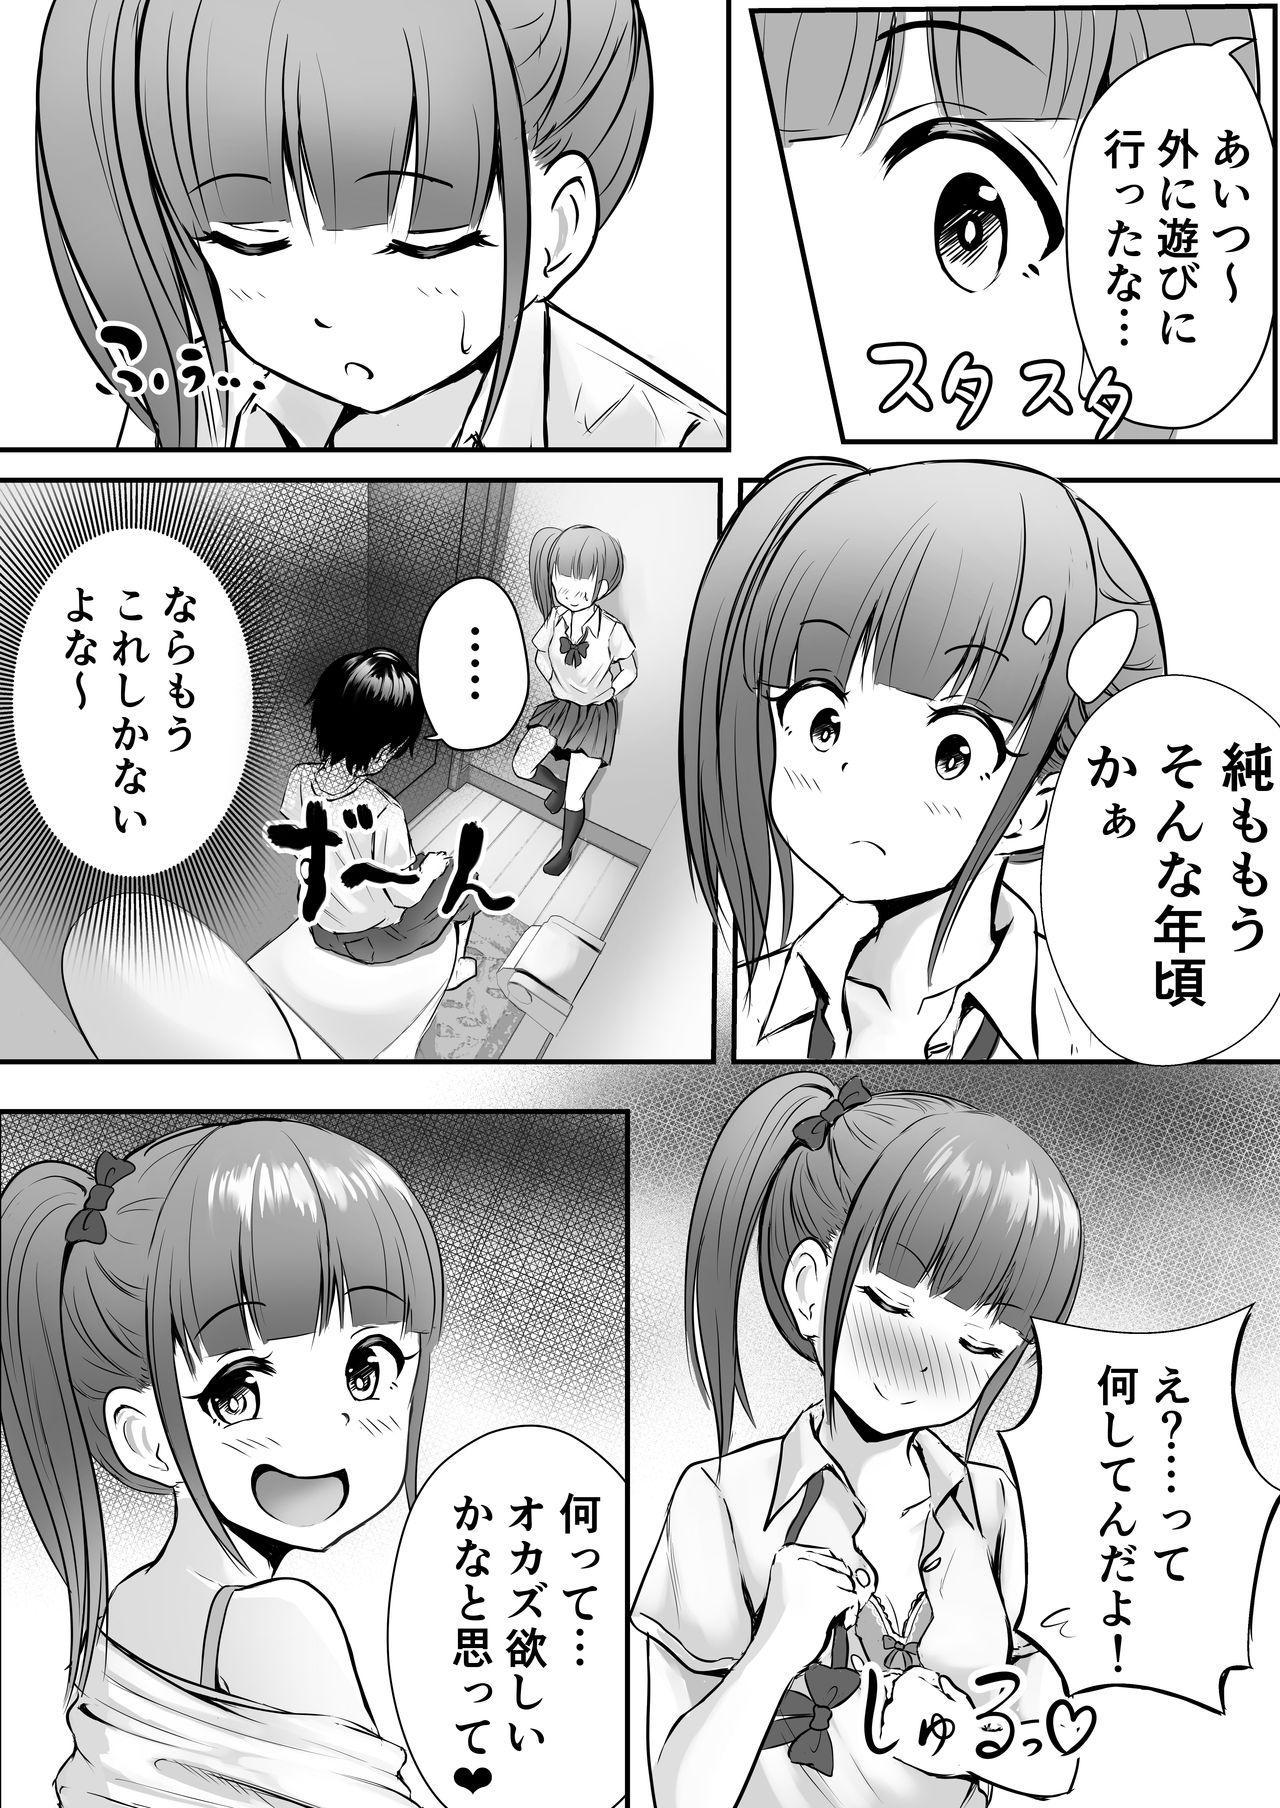 Ane no Shinyuu to Ikaseai 8